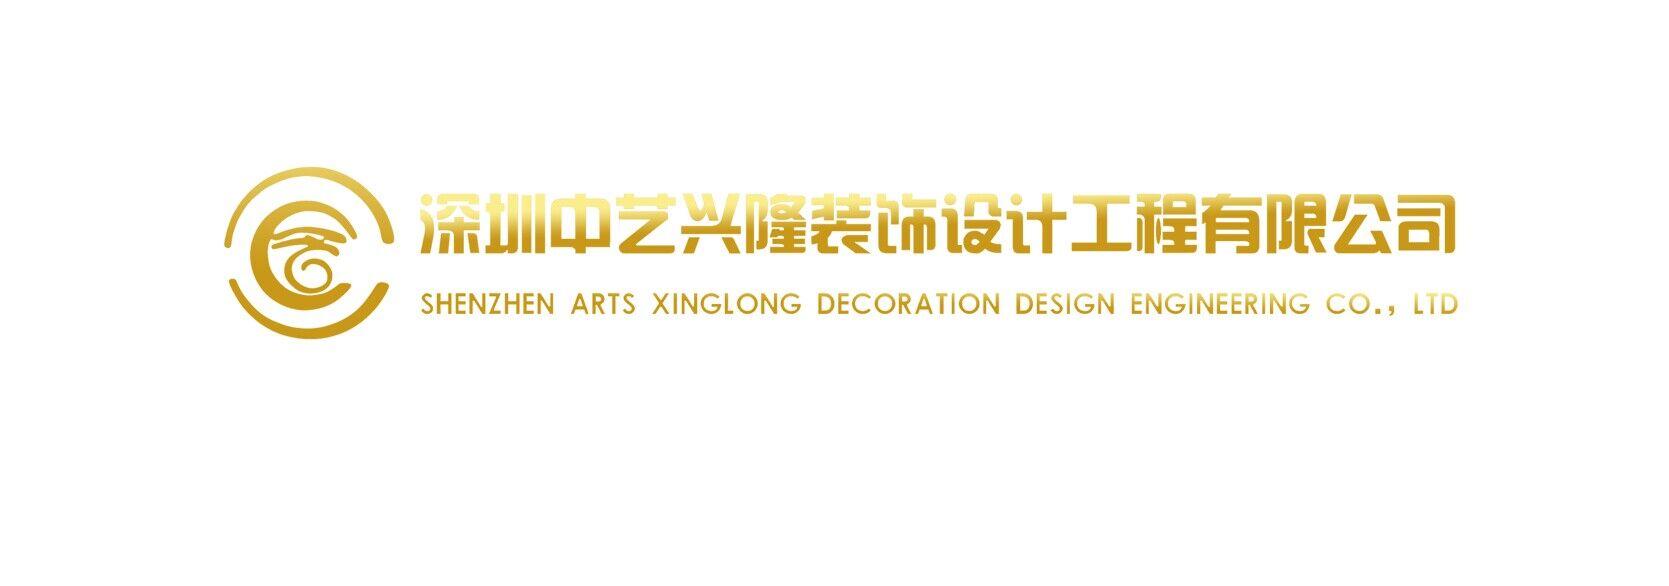 深圳中艺兴隆装饰设计工程有限公司